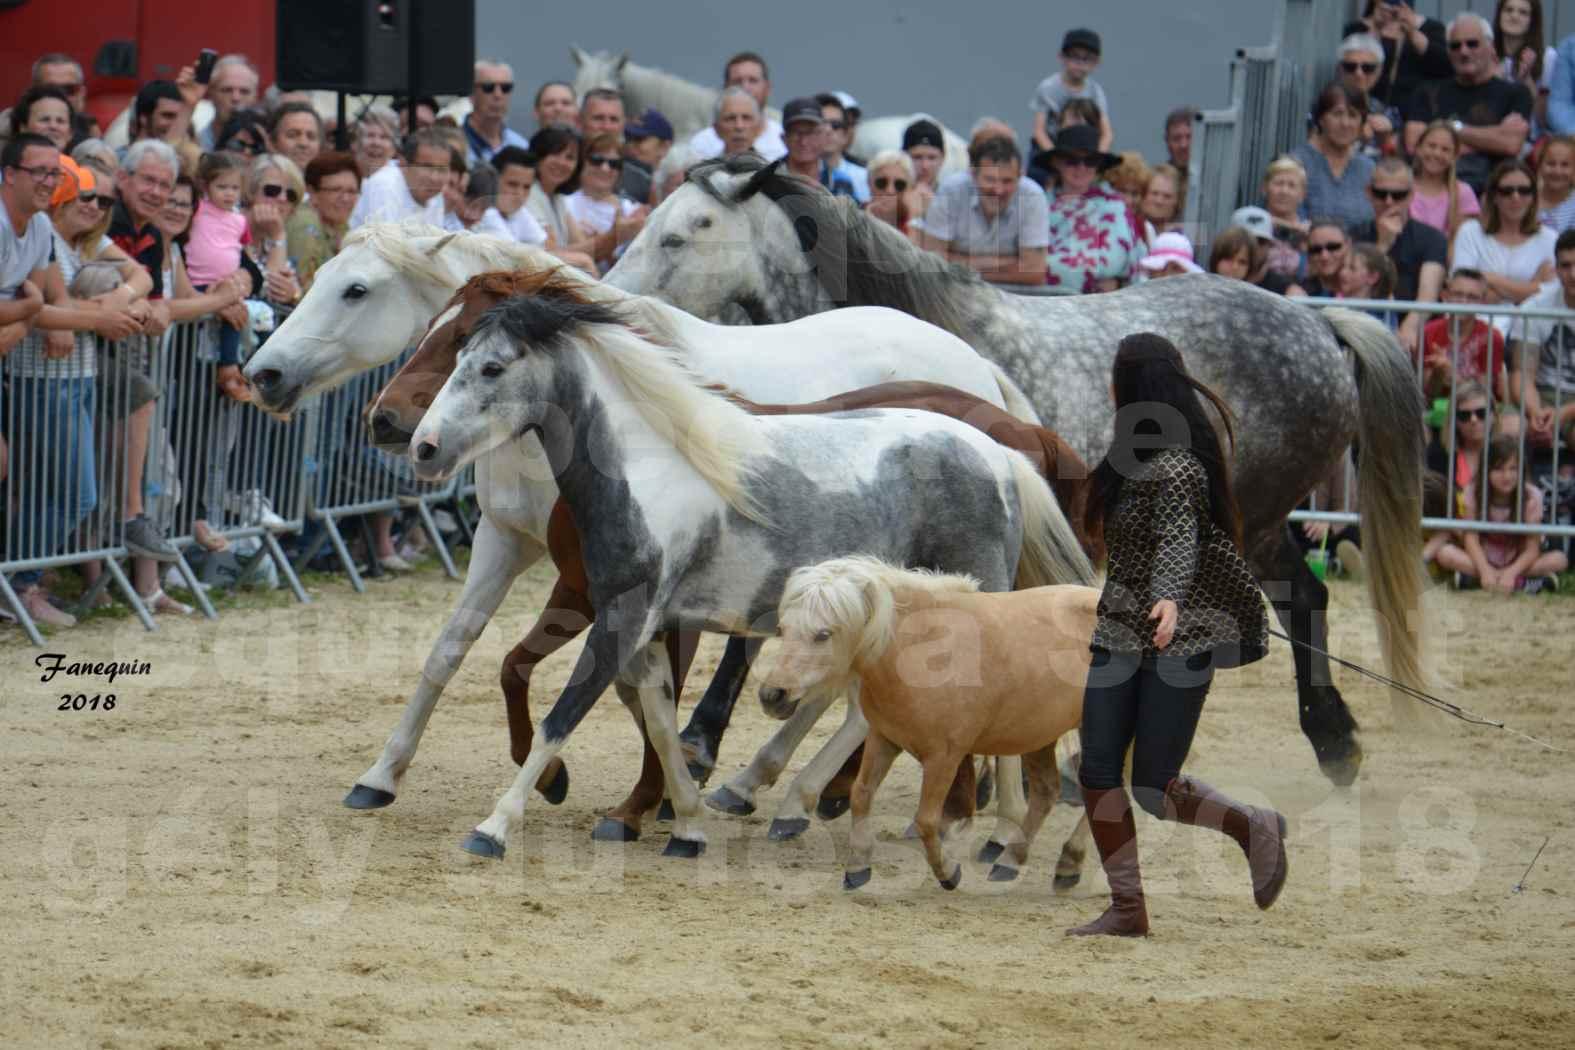 Spectacle Équestre le 3 juin 2018 à Saint Gély du Fesc - 5 chevaux en liberté - Anne Gaëlle BERTHO - 09